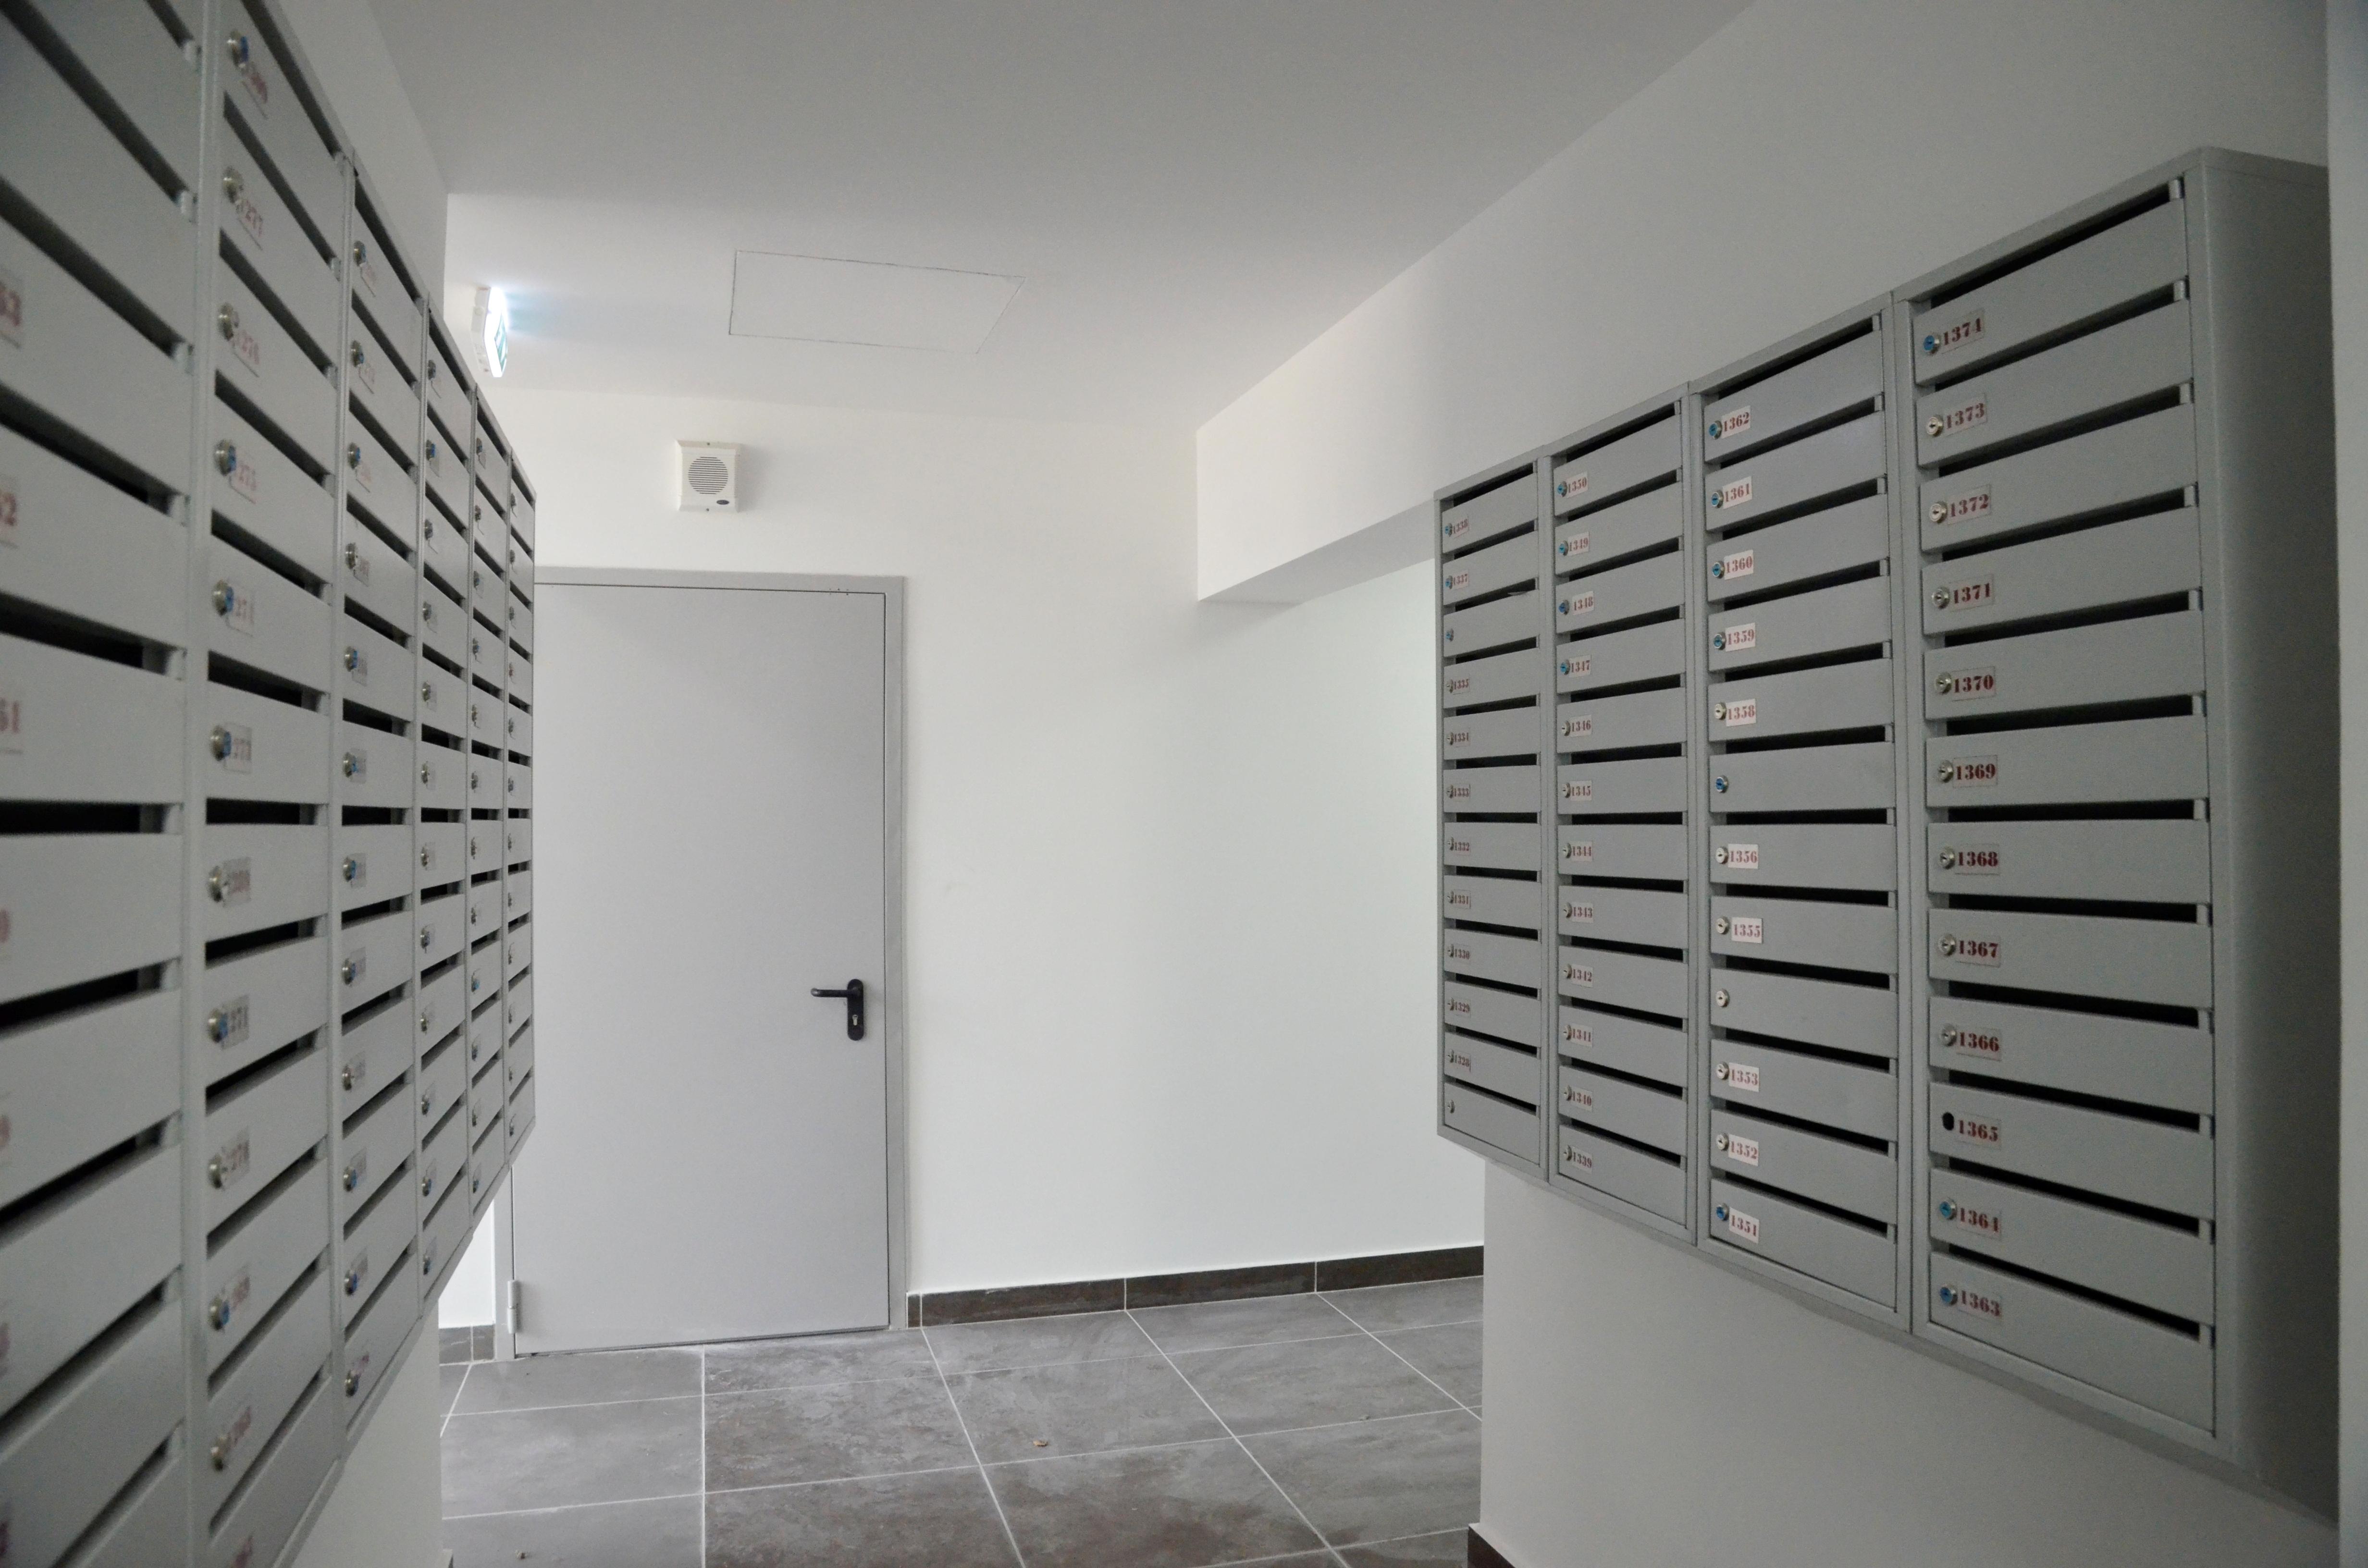 Специалисты проверили чердаки и подвалы в жилых домах Чертанова Центрального